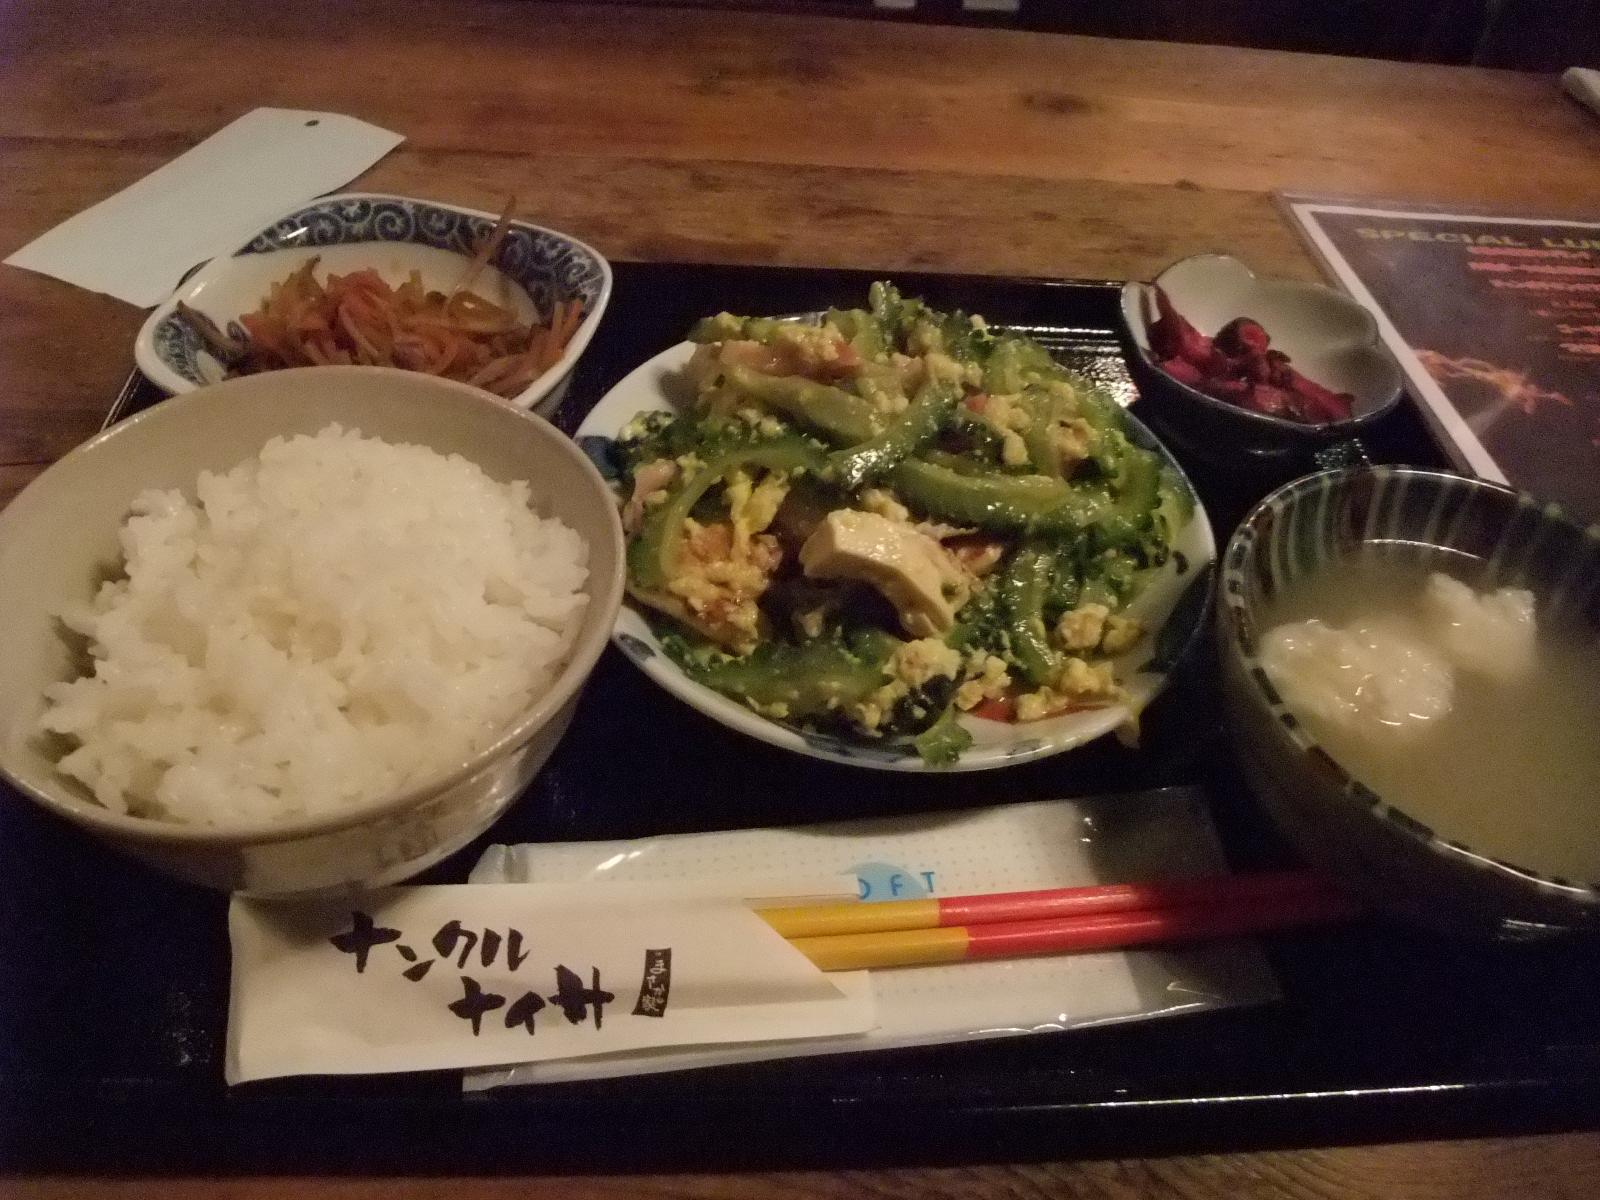 銀座 でーびる沖縄 ゴーヤチャンプル定食